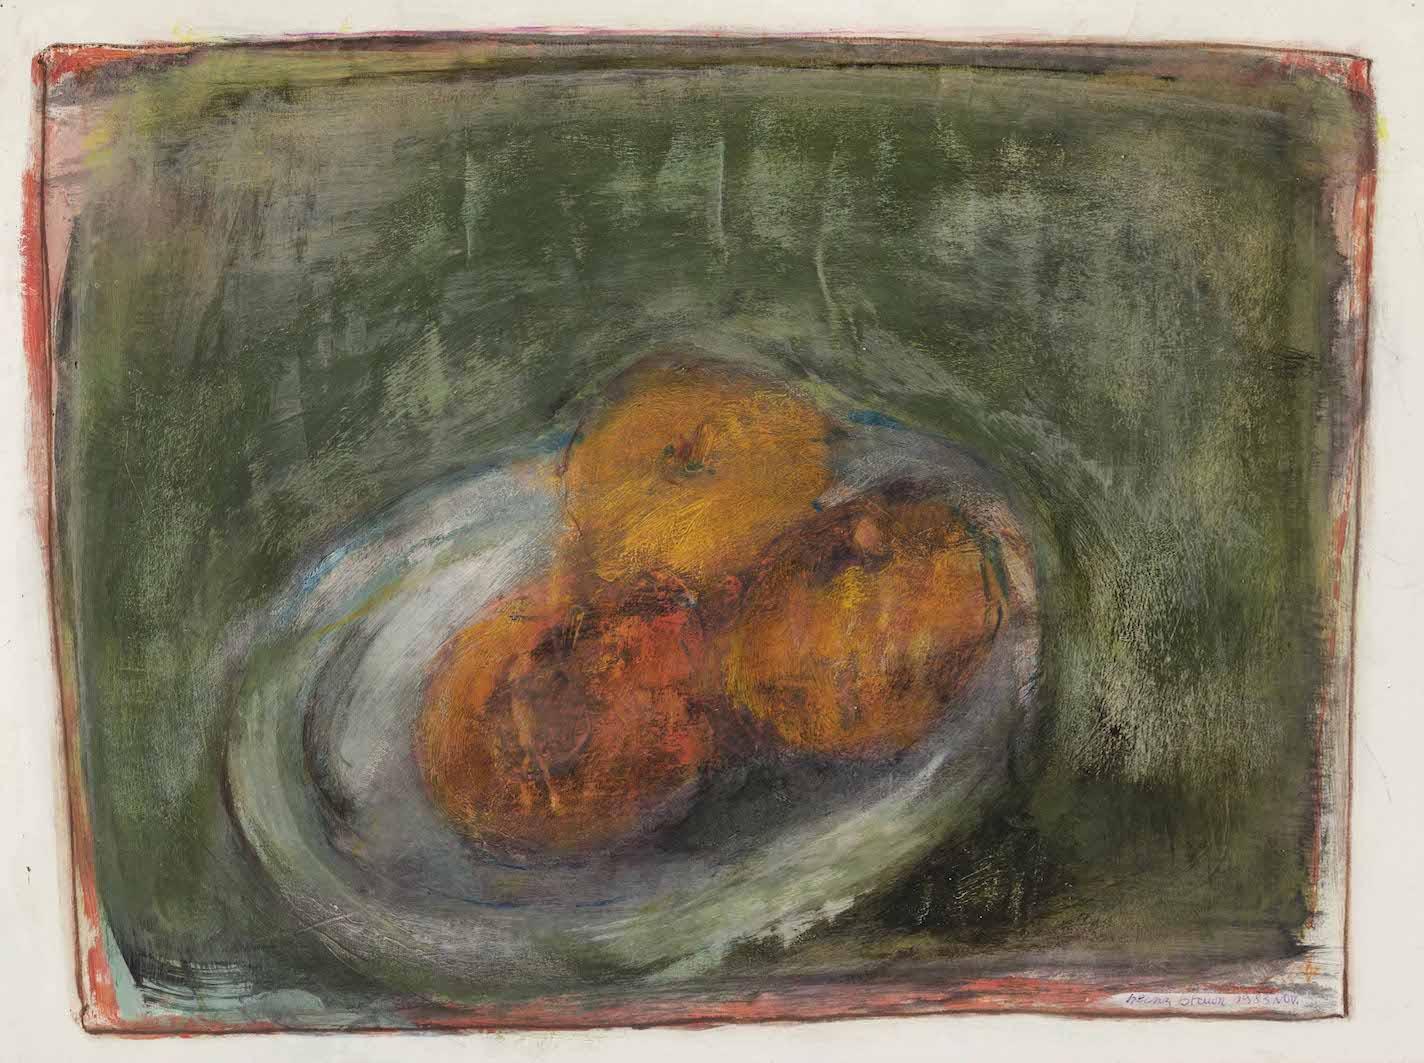 Stillleben mit Äpfeln, 1985